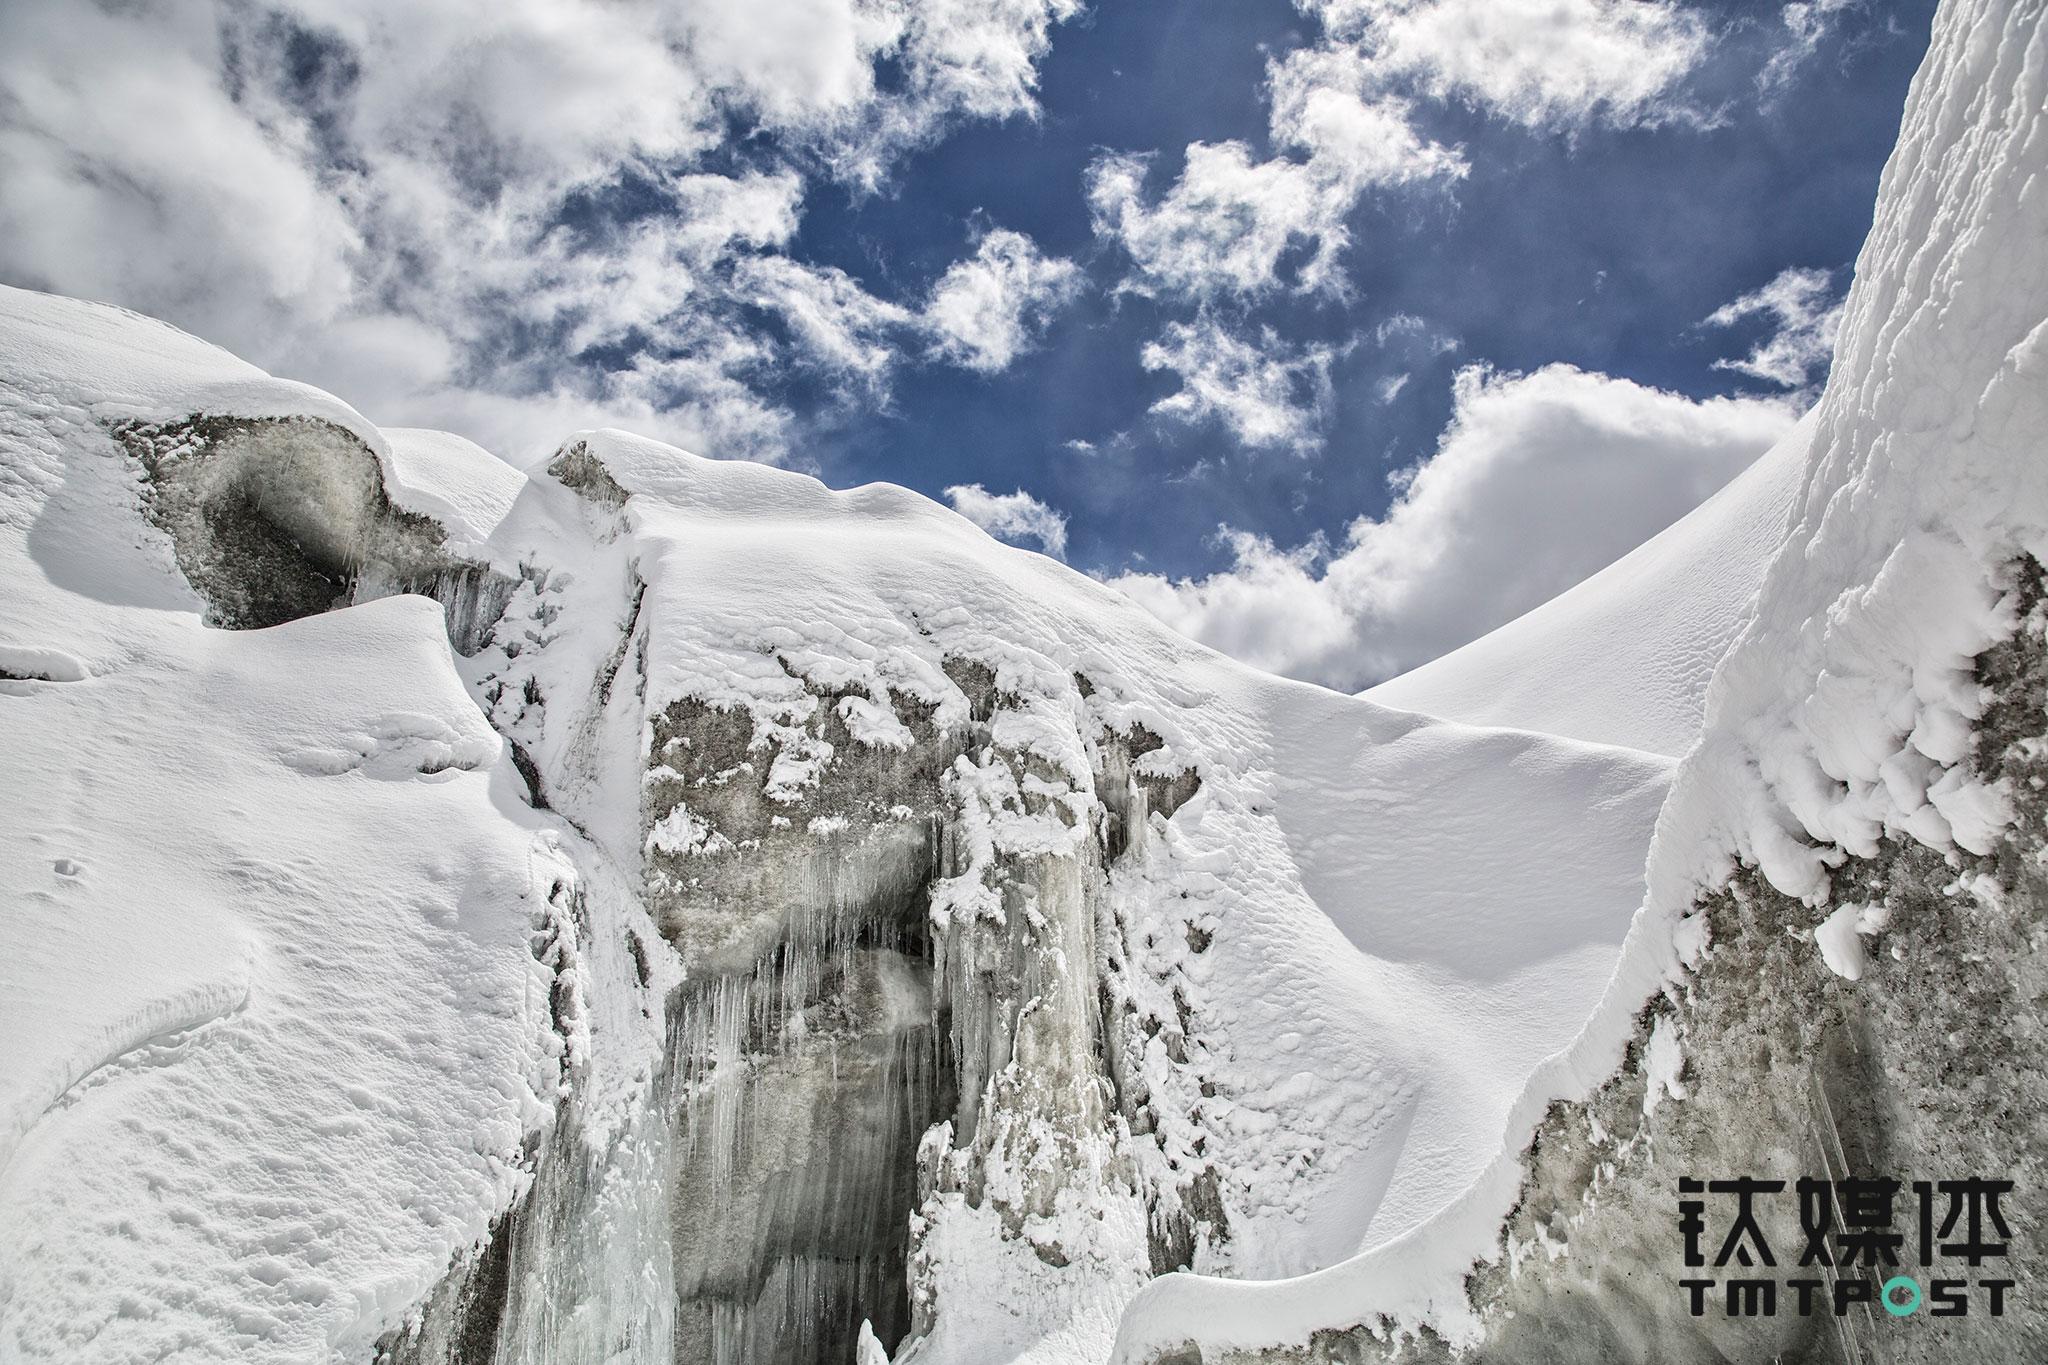 徒步行进大约2小时,大家走到了夏塔冰川的冰舌。有队员想要走上冰川,立即被江湖制止了,贸然在冰川行走非常危险,尤其是冰川上盖着雪,冰川上隐藏着十几米深的冰裂缝,这些裂缝随着气候变化在不停运动,如果不小心踩到掉下去,足以丧命。